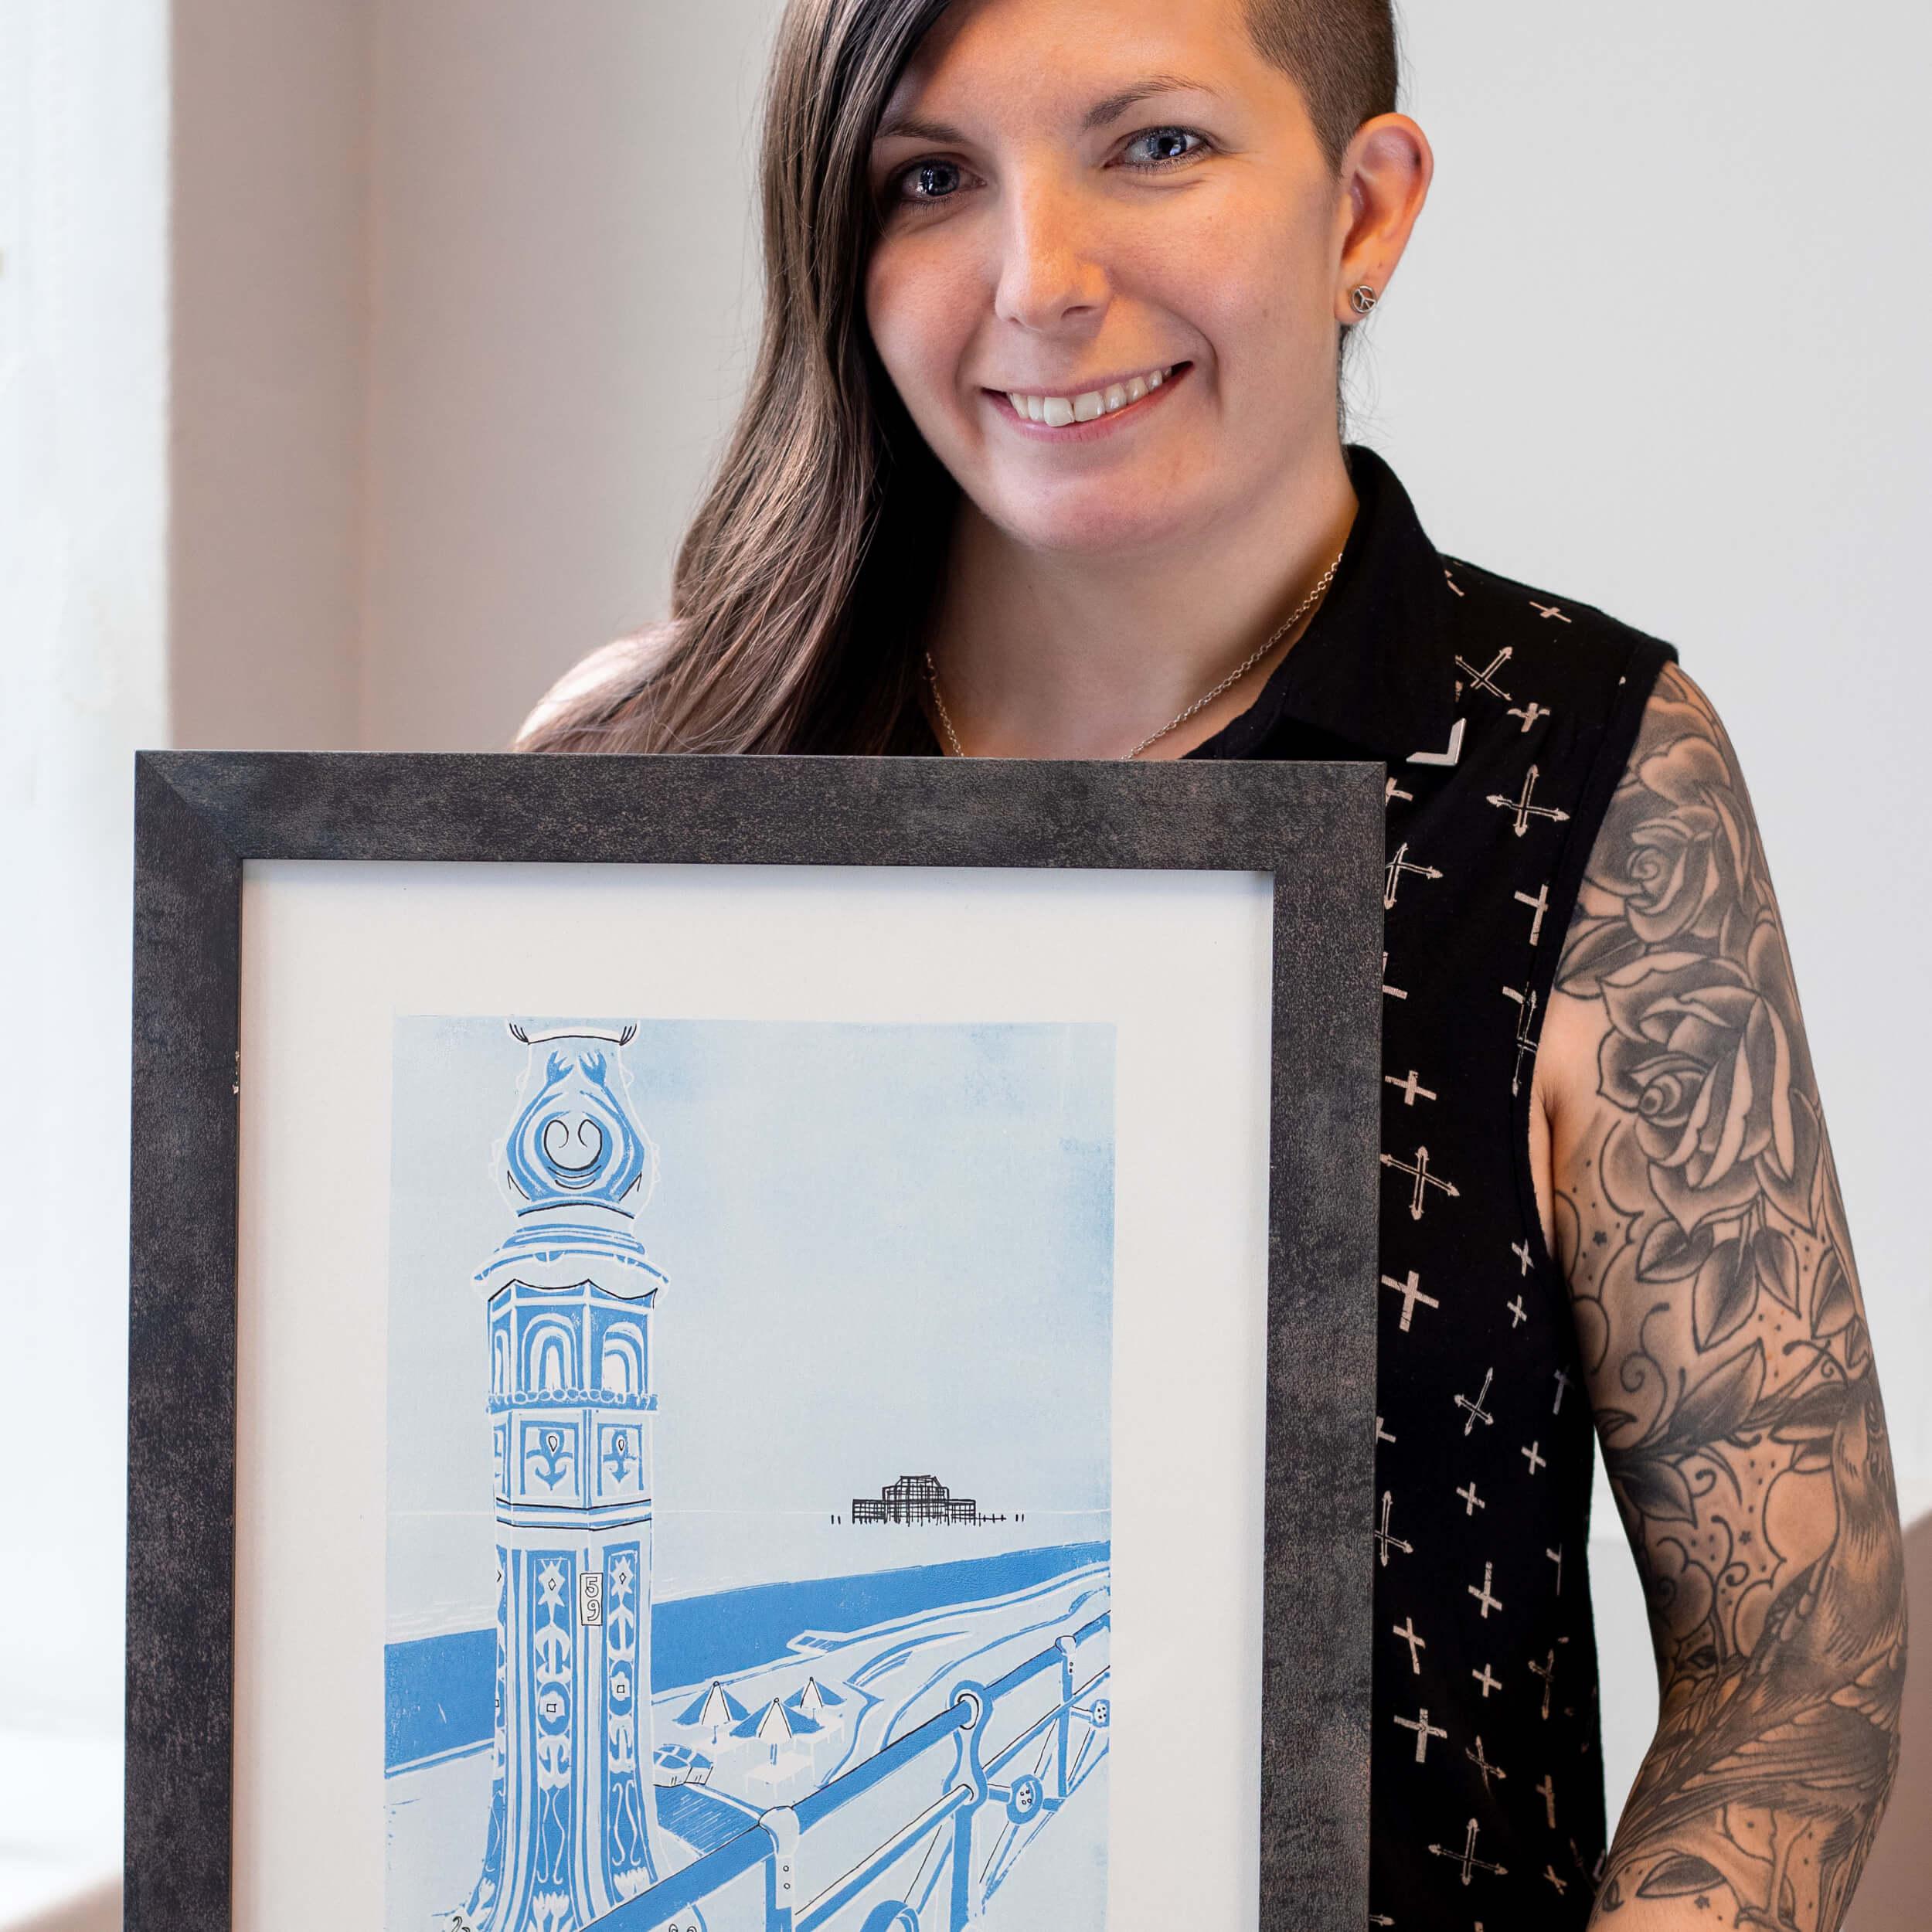 Q&A met Zoe Davison van Paper Wings Illustration: 'Ik gebruik het liefst gedurfde, grafische kleuren en lijnen in mijn werk en gebruik bij voorkeur een mix van technieken voor het maken van drukwerk, inkten, fijne lijnen en acrylverf.'